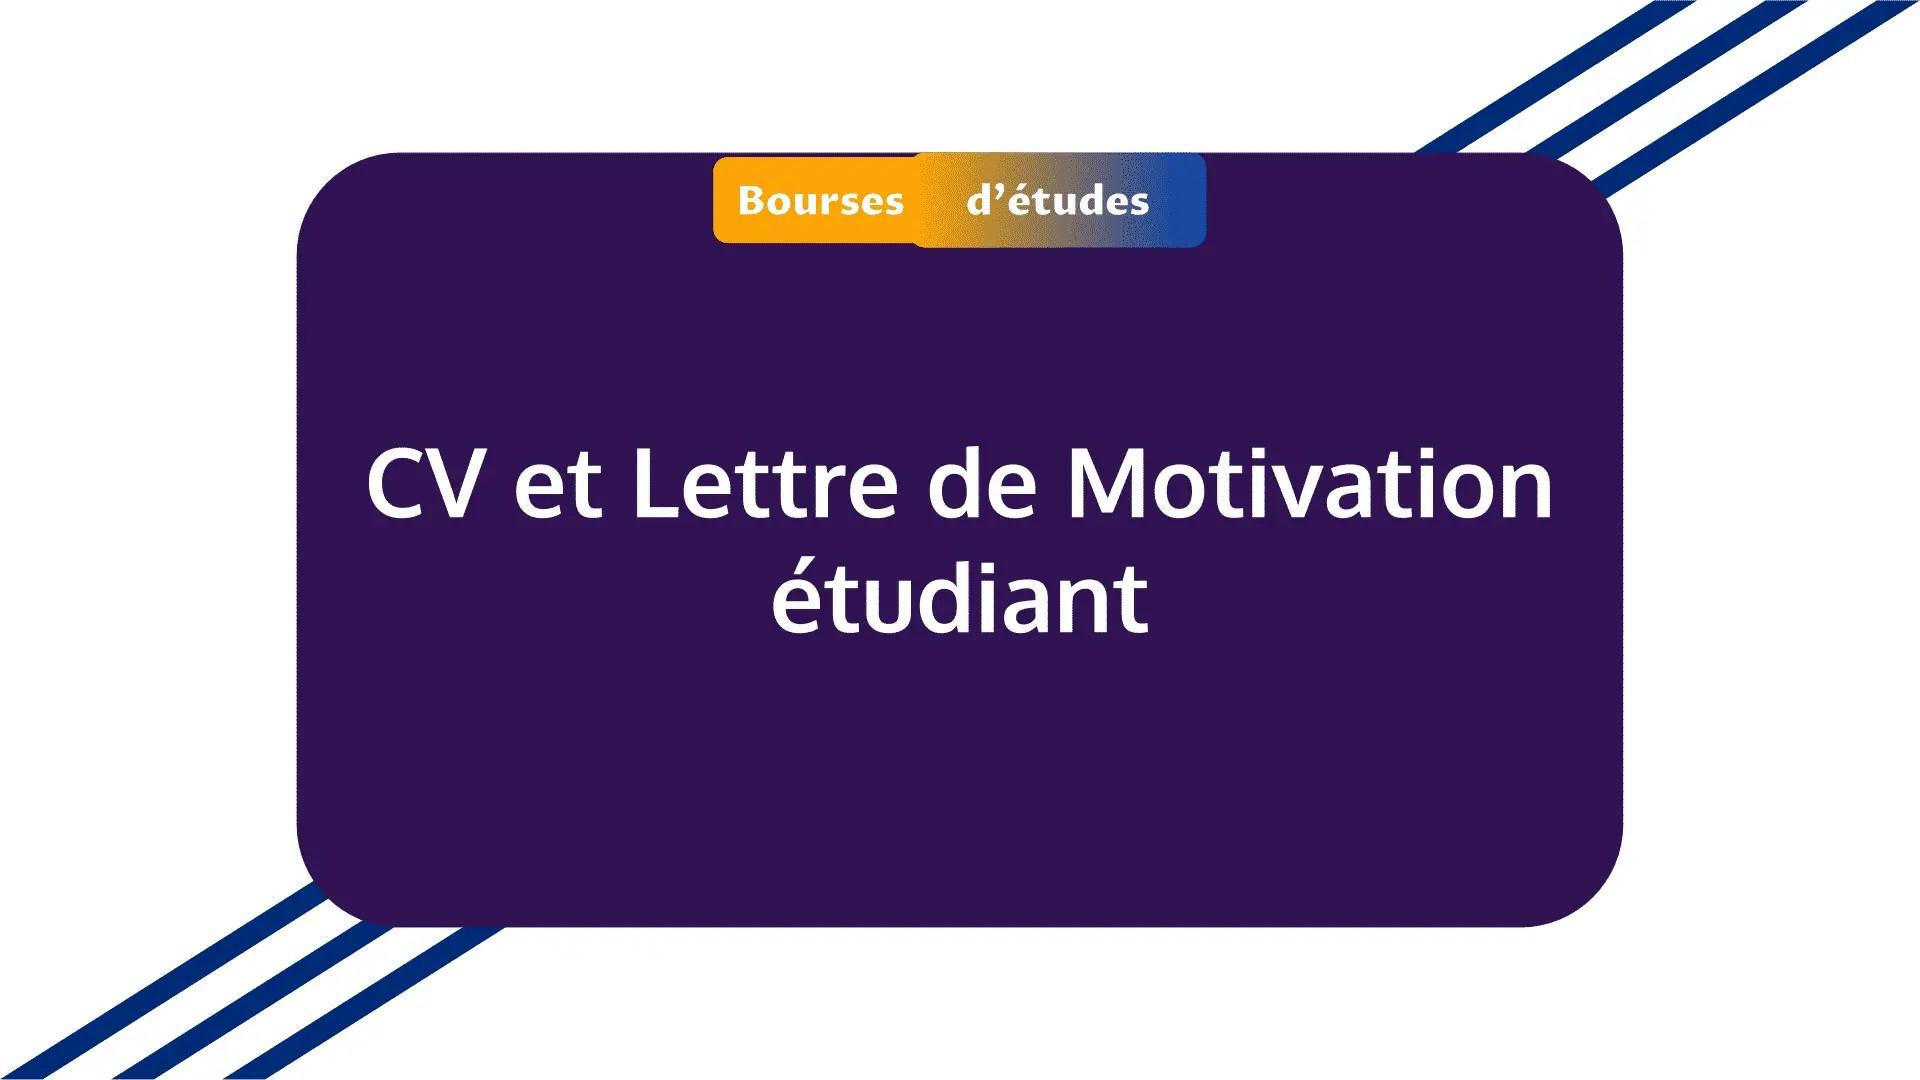 CV et Lettre de Motivation étudiant